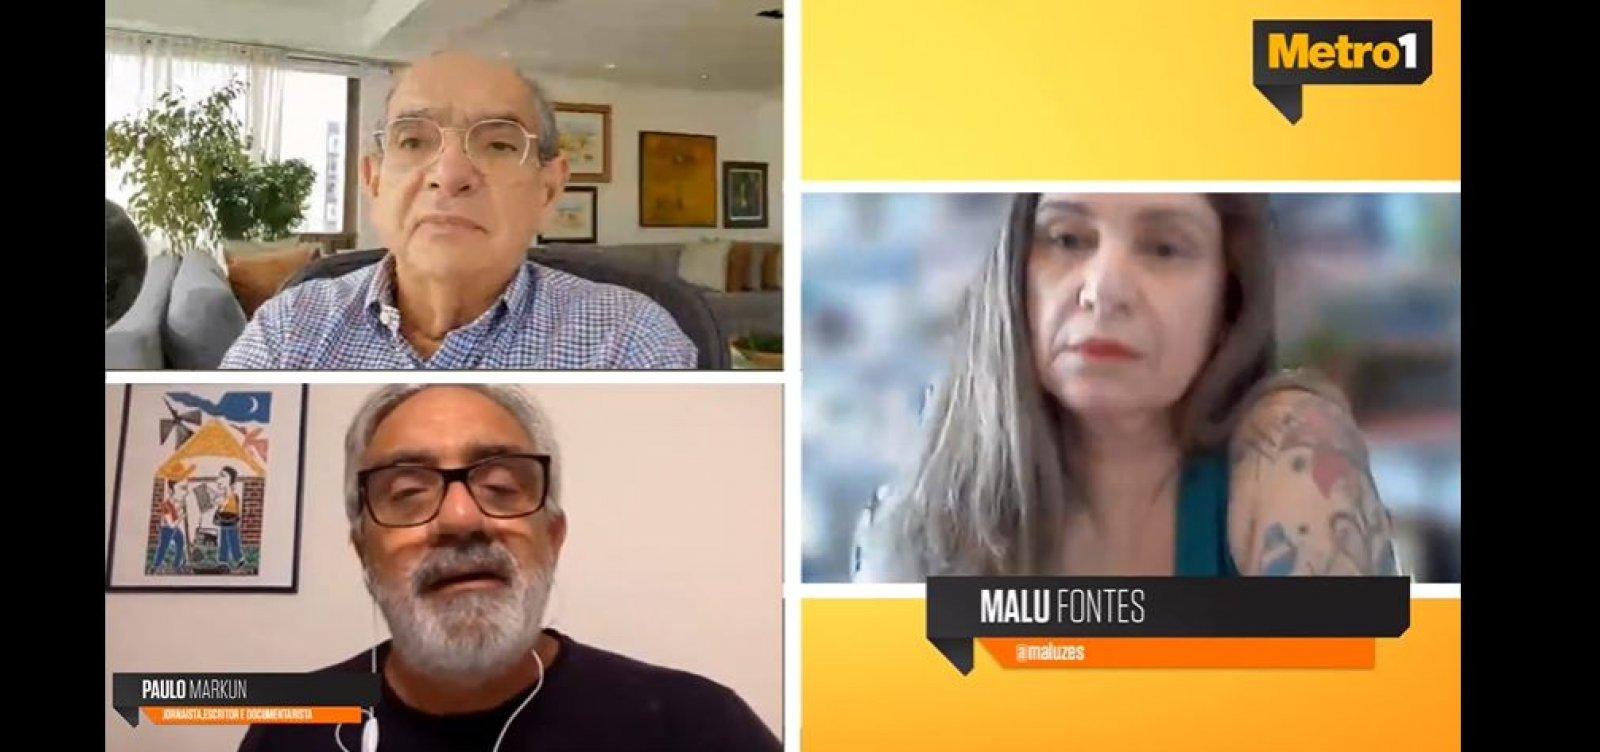 [Paulo Markun avalia aspiração autoritária do governo Bolsonaro: 'Nem a ditadura era desse jeito']